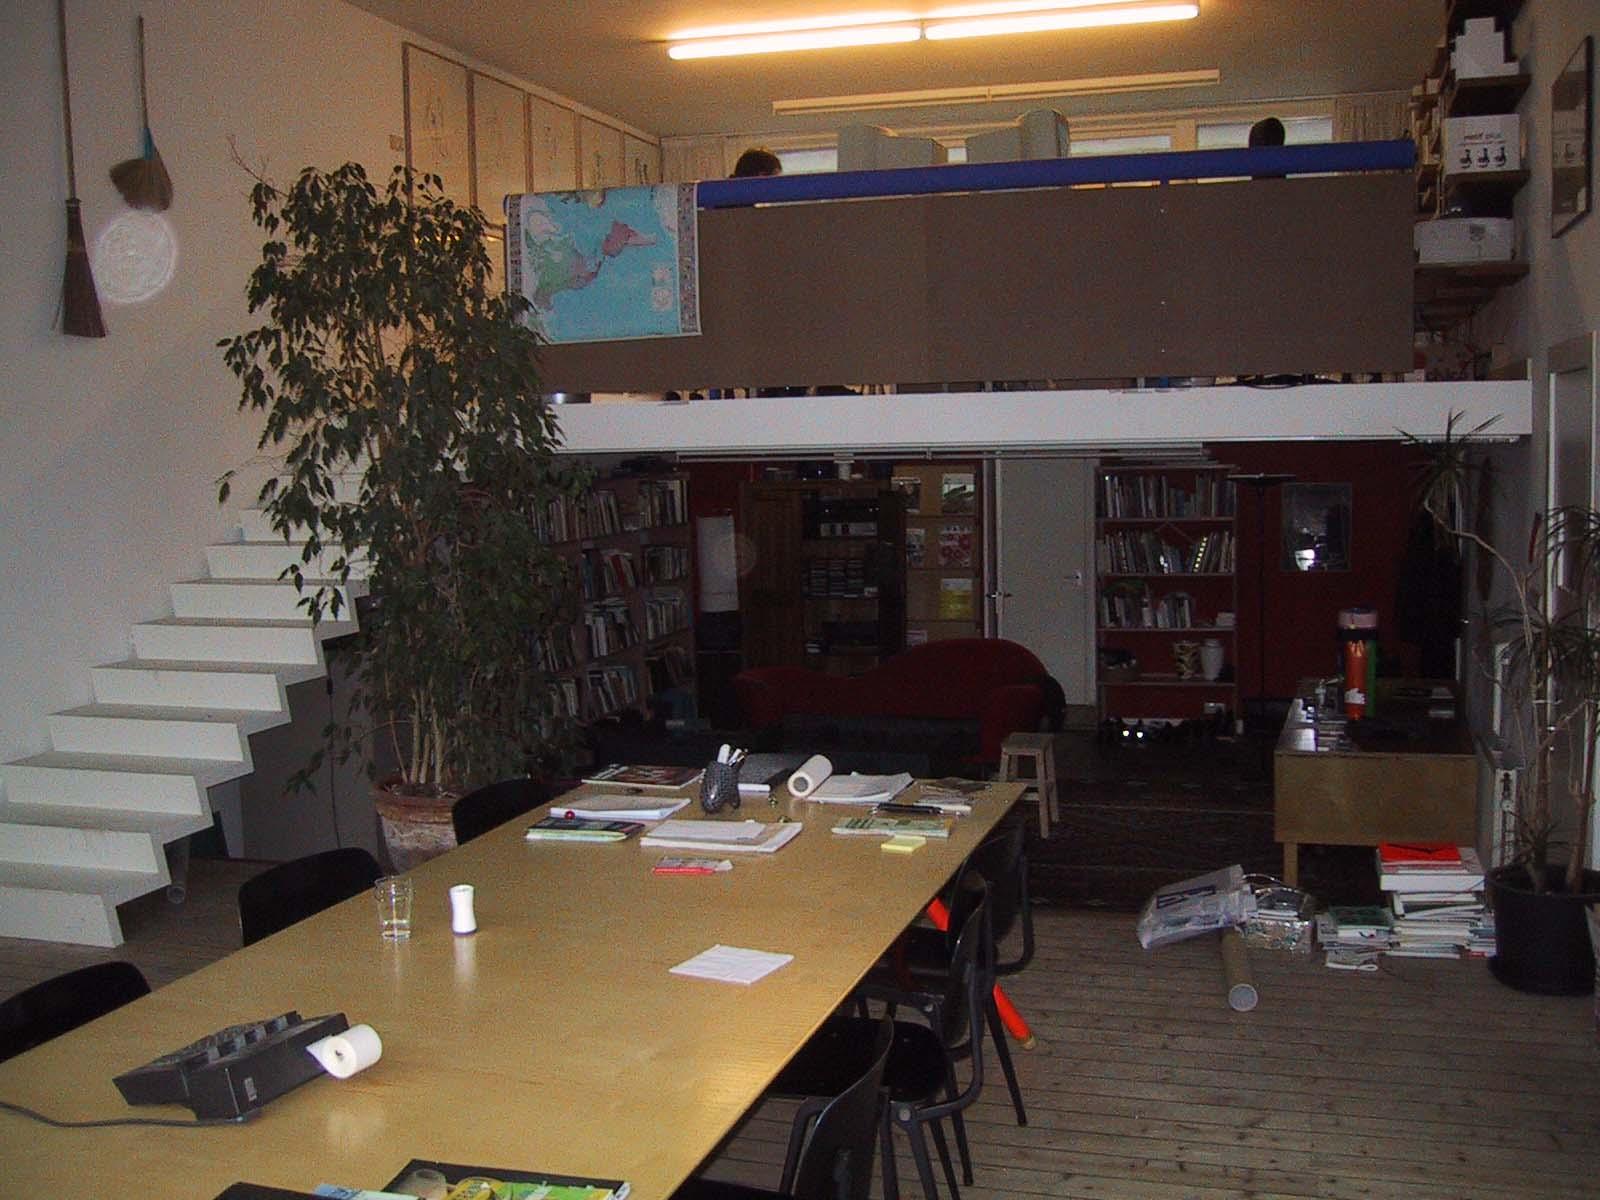 bedrijfsruimte te huur 39 s gravendijkwal 73 c 3021ee rotterdam